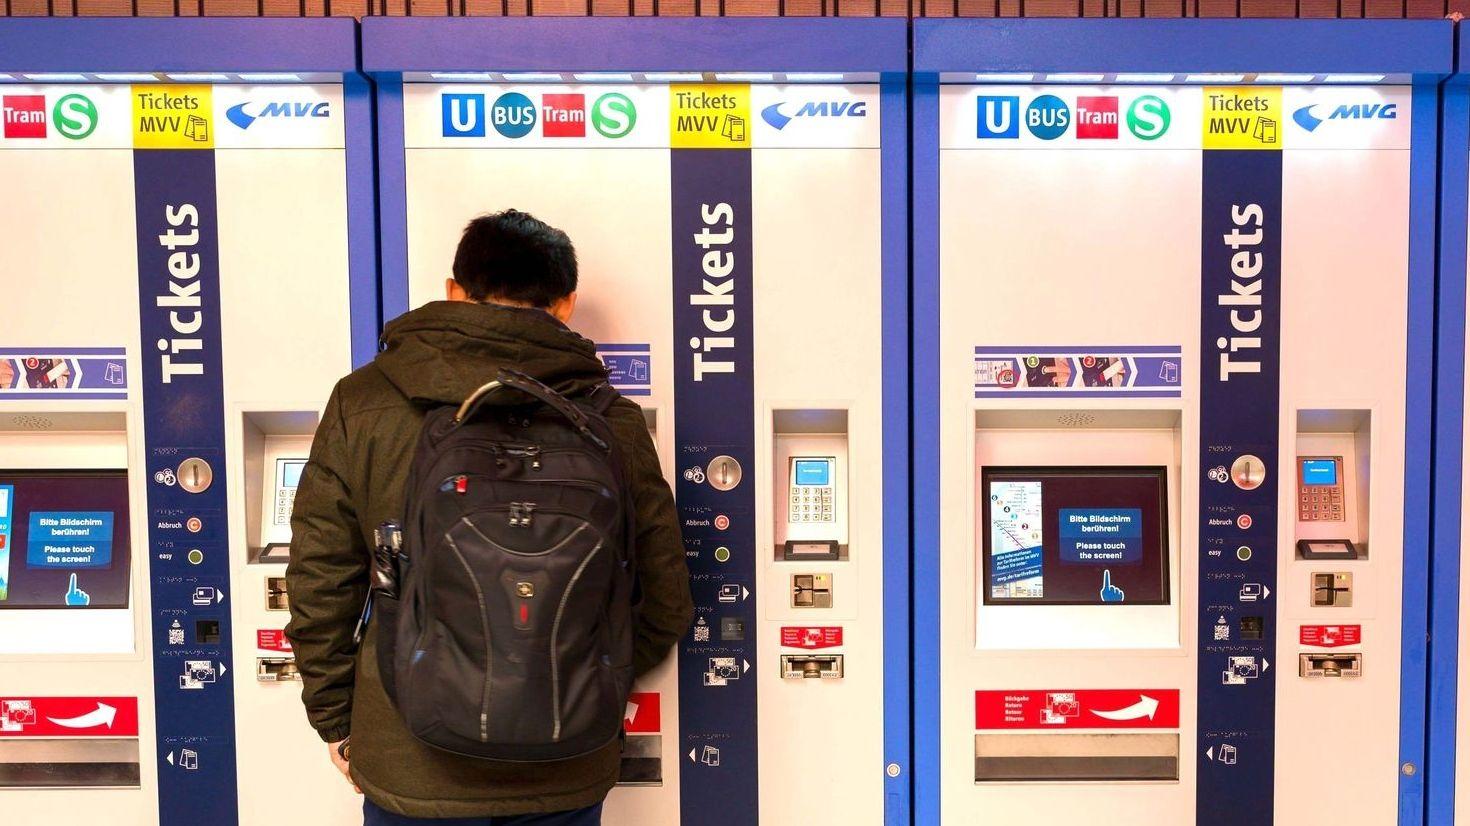 Schüler steht vor einem Fahrkartenautomat des MVV in München